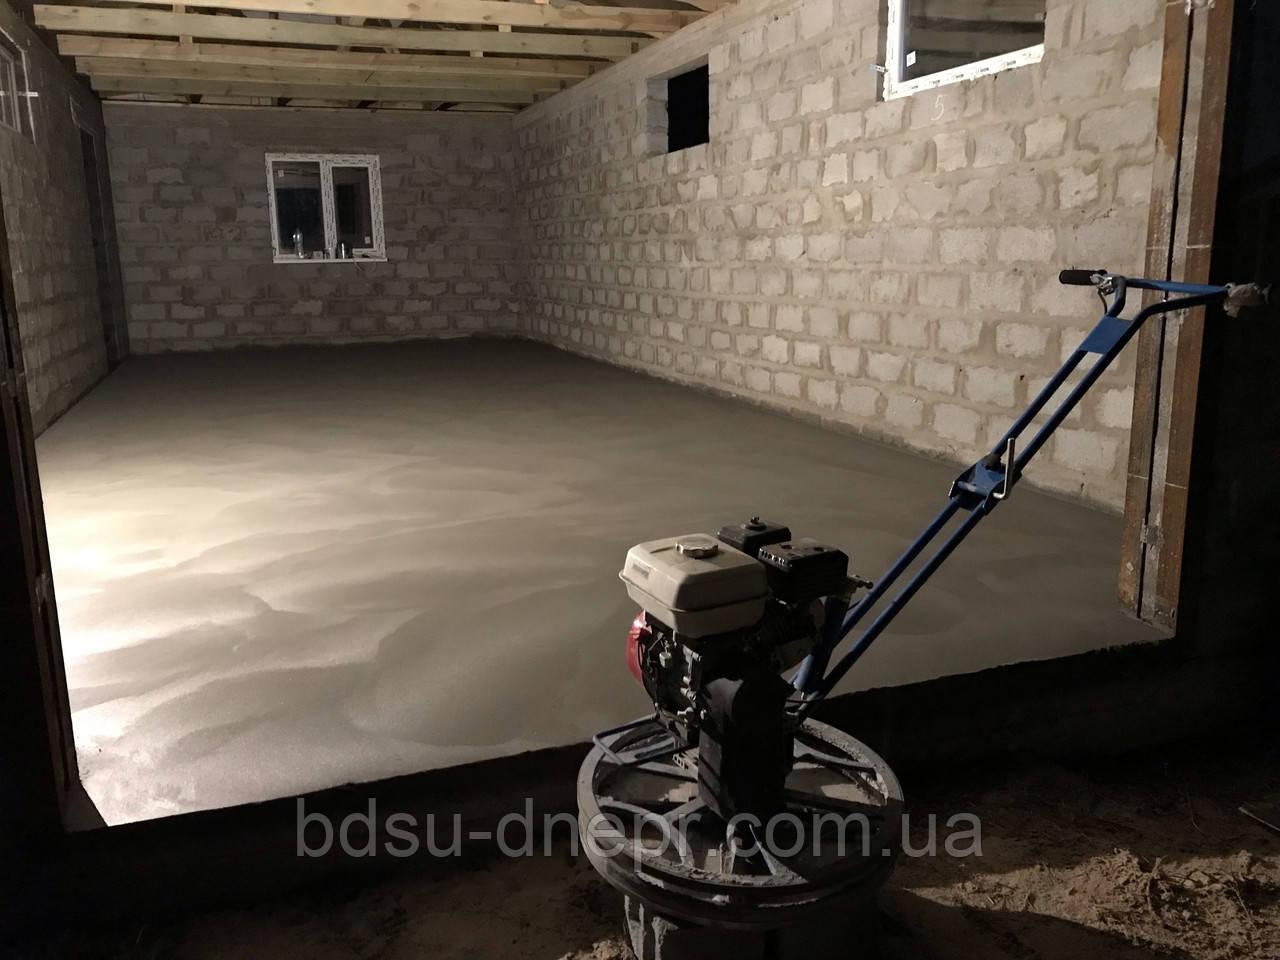 Бетонирование гаража в Днепропетровске с затиркой вертолётом